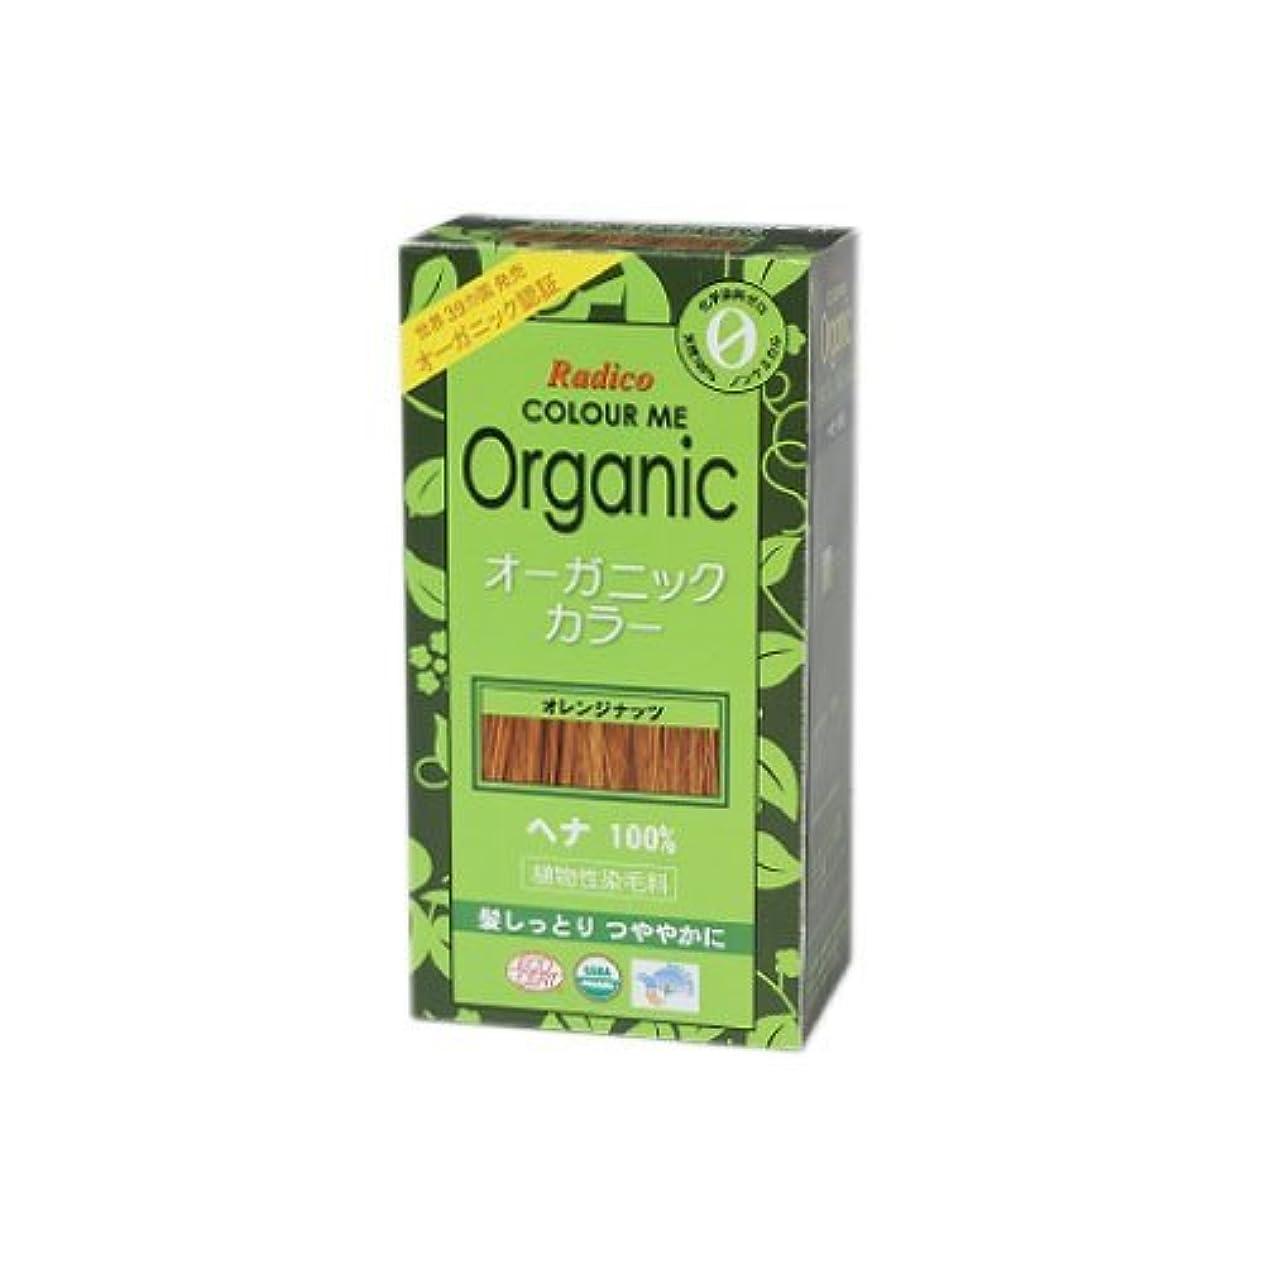 不適横向き定常COLOURME Organic (カラーミーオーガニック ヘナ 白髪用) オレンジナッツ 100g